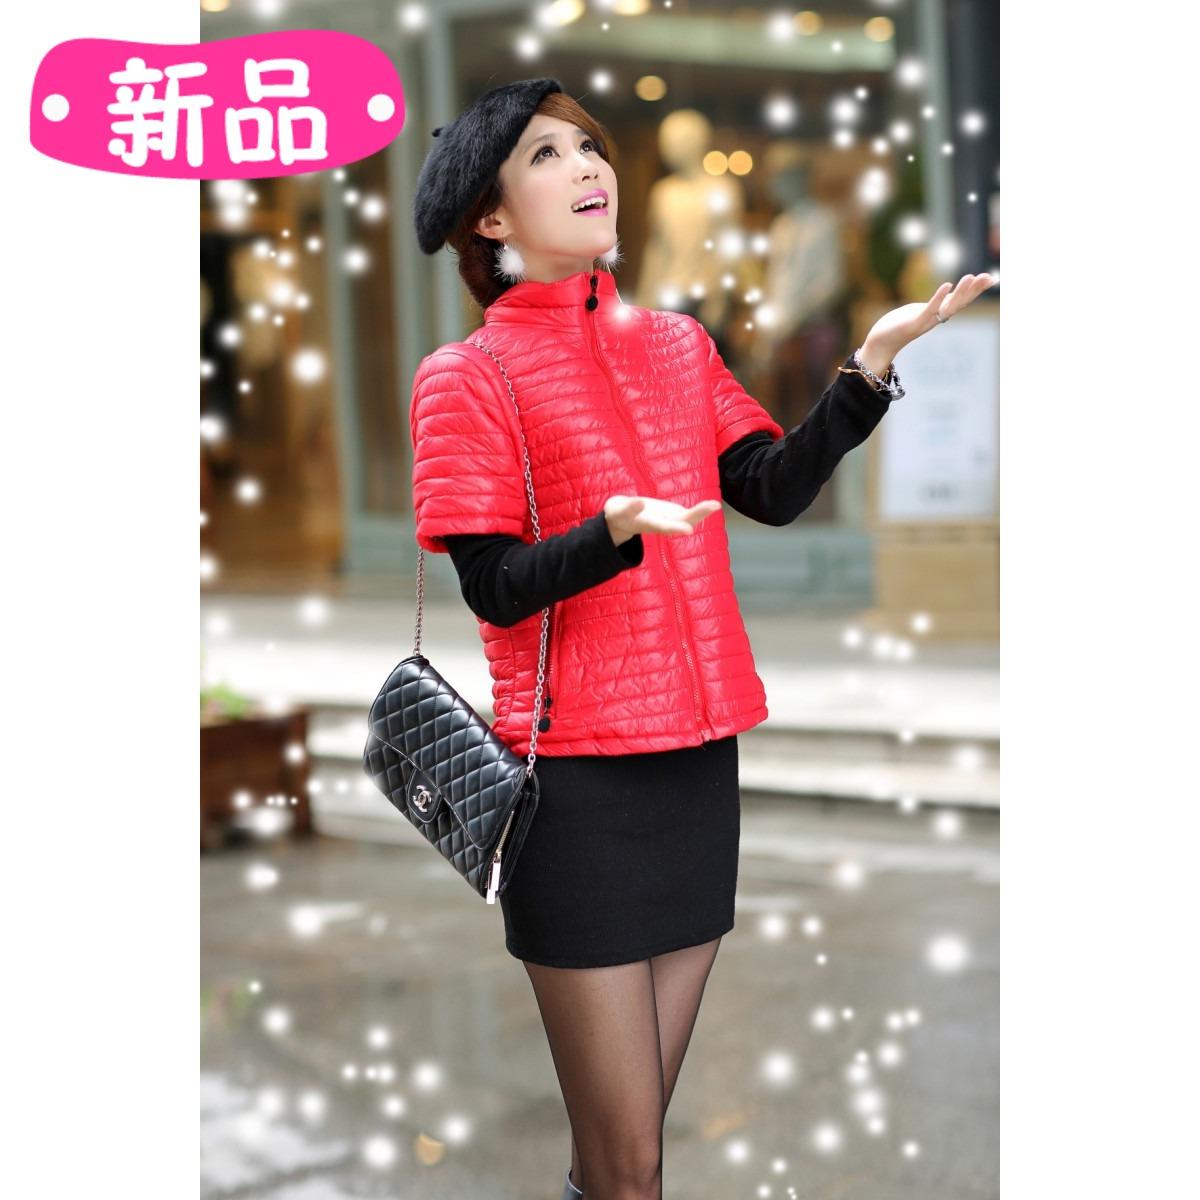 Женская жилетка Новая Корейская версия пуховыми одеялами, хлопок короткие рукава куртка женщин Зимняя мода жилеты дамы Половина рукав малых рукавов пальто жилет